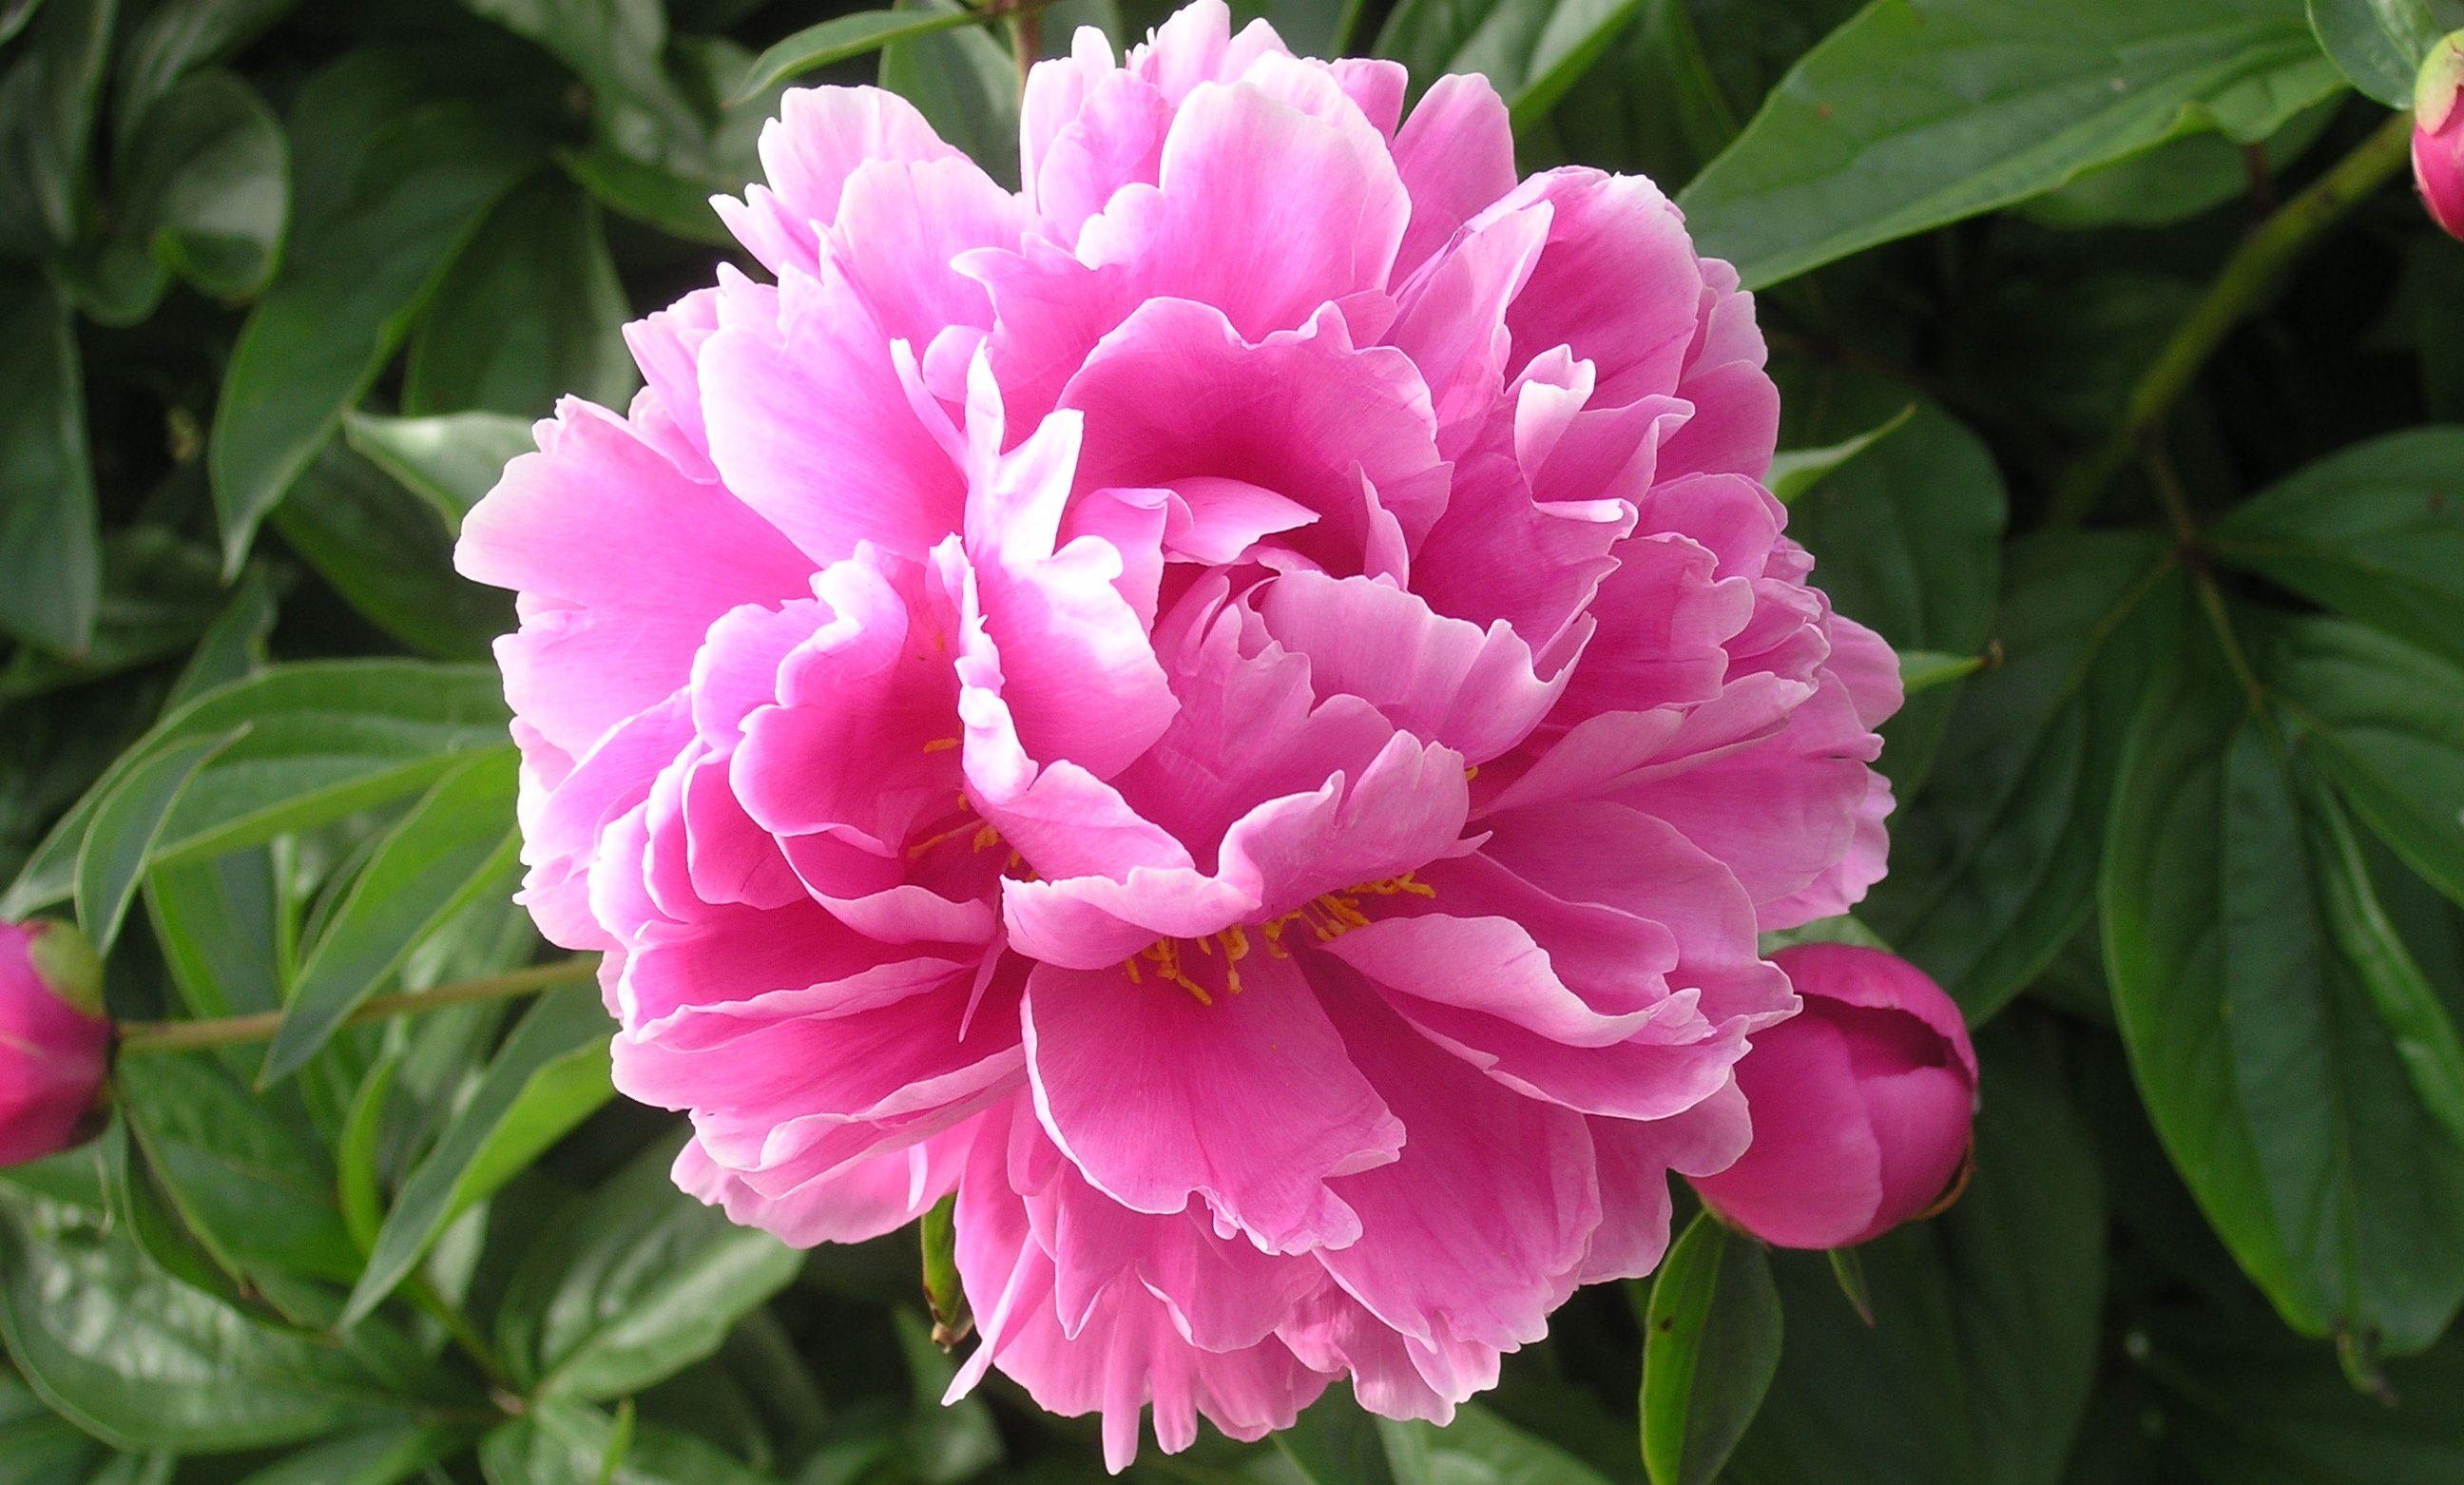 tout savoir sur les pivoines m6 bouquets pinterest pivoine pivoine arbustive et fleurs. Black Bedroom Furniture Sets. Home Design Ideas